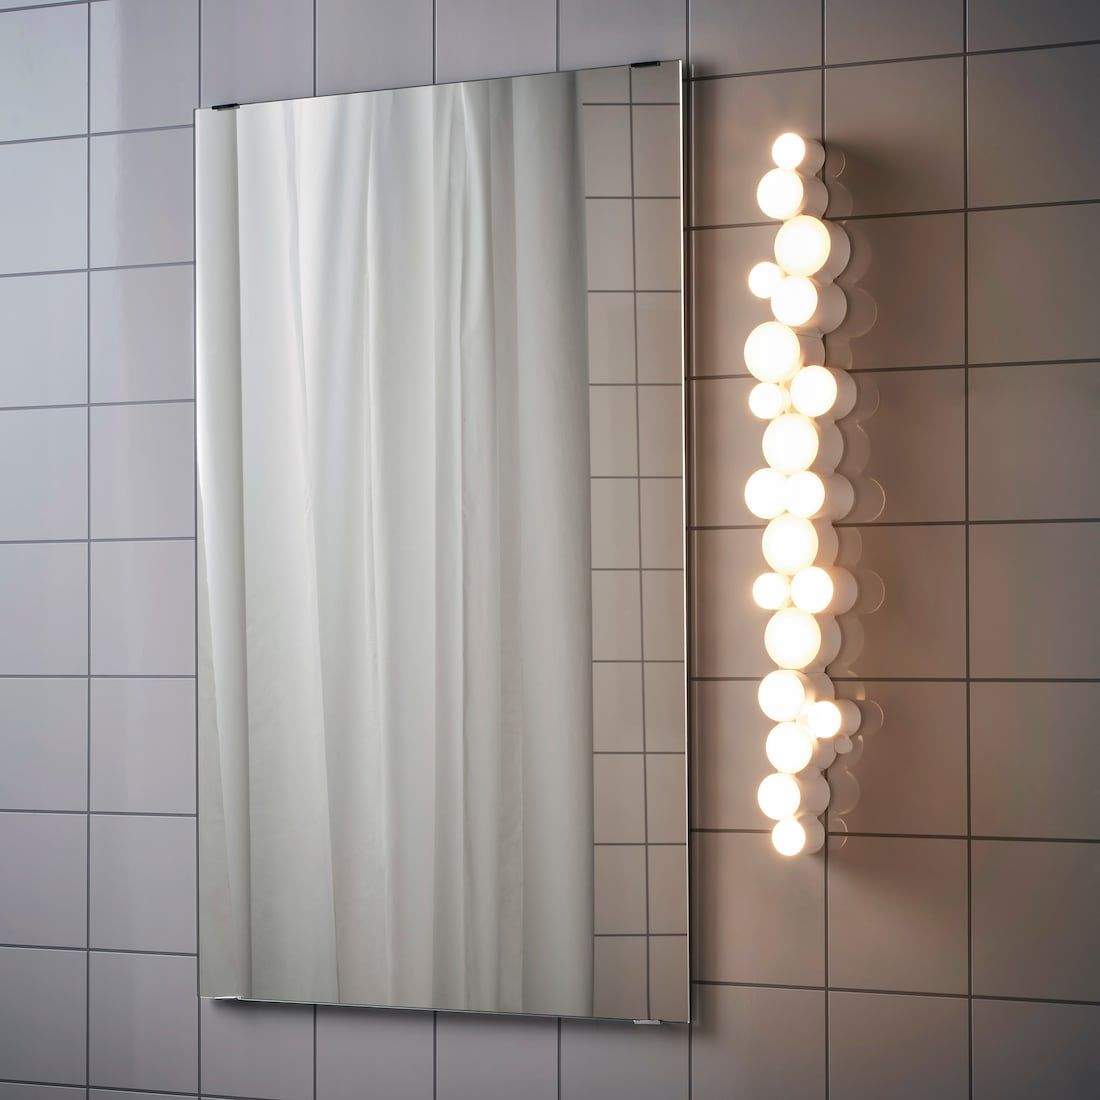 Sodersvik Wandleuchte Led Glanzend Dimmbar Weiss Glanzend Weiss Ikea Deutschland Spiegel Mit Beleuchtung Wandlampe Wandleuchte